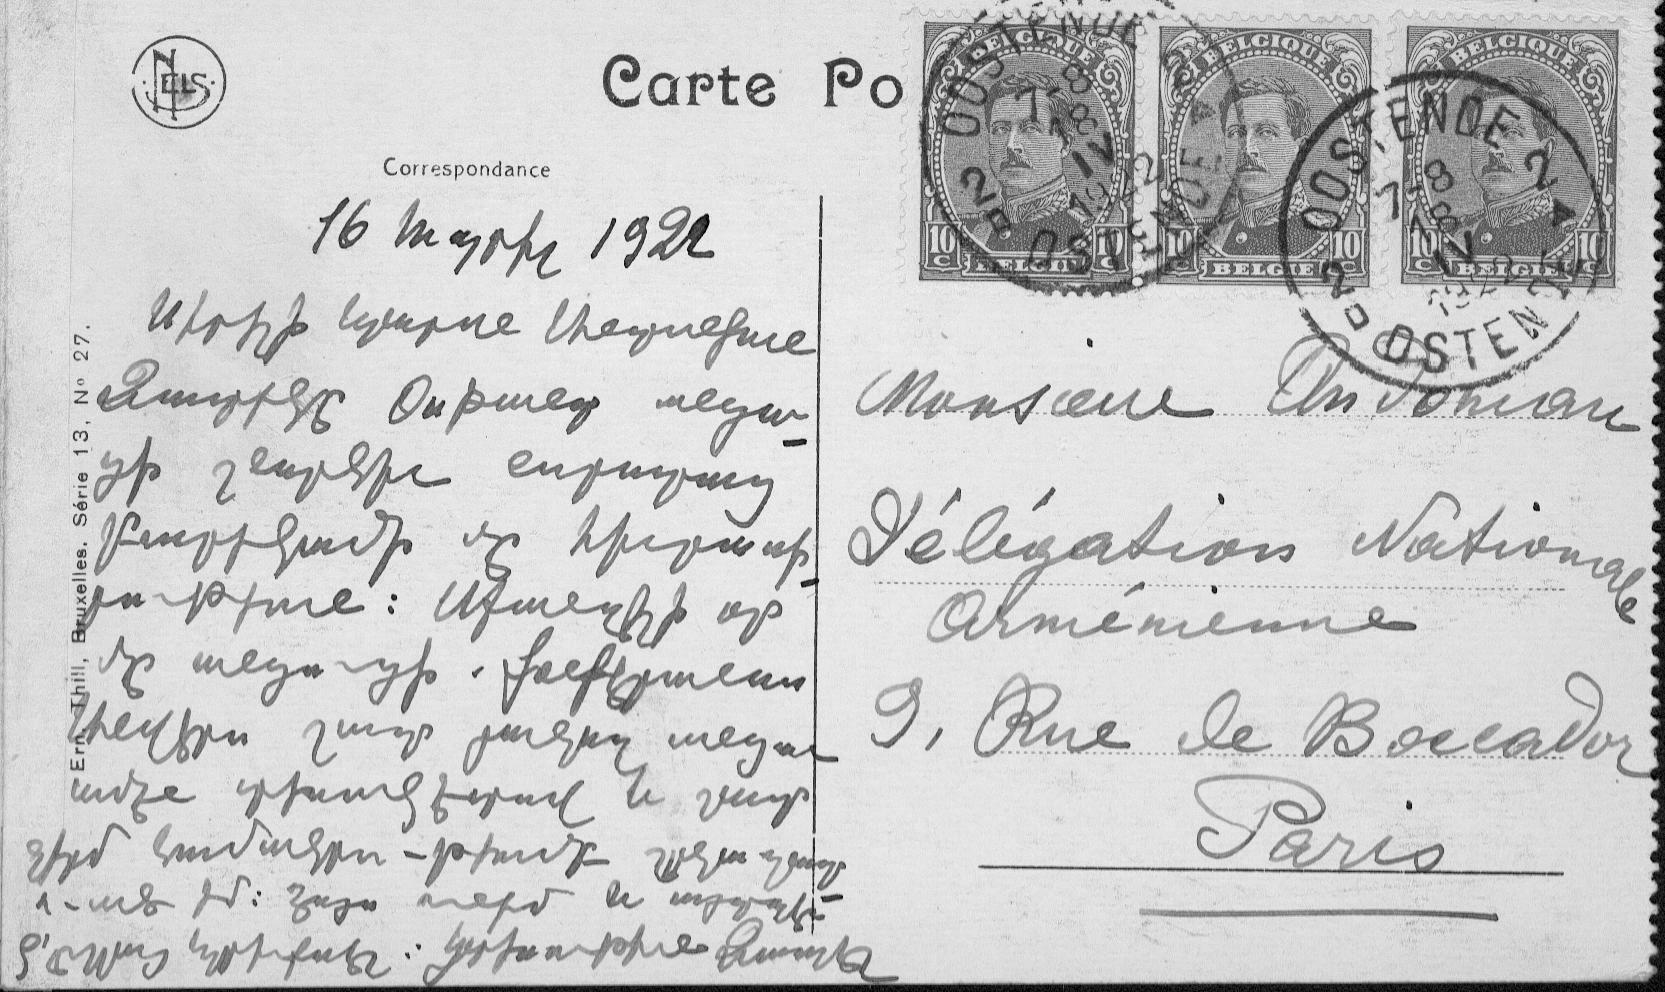 Yesayan'ın Paris'ten İstanbul'a, Aram Andonyan'a gönderdiği bir kartın arkası